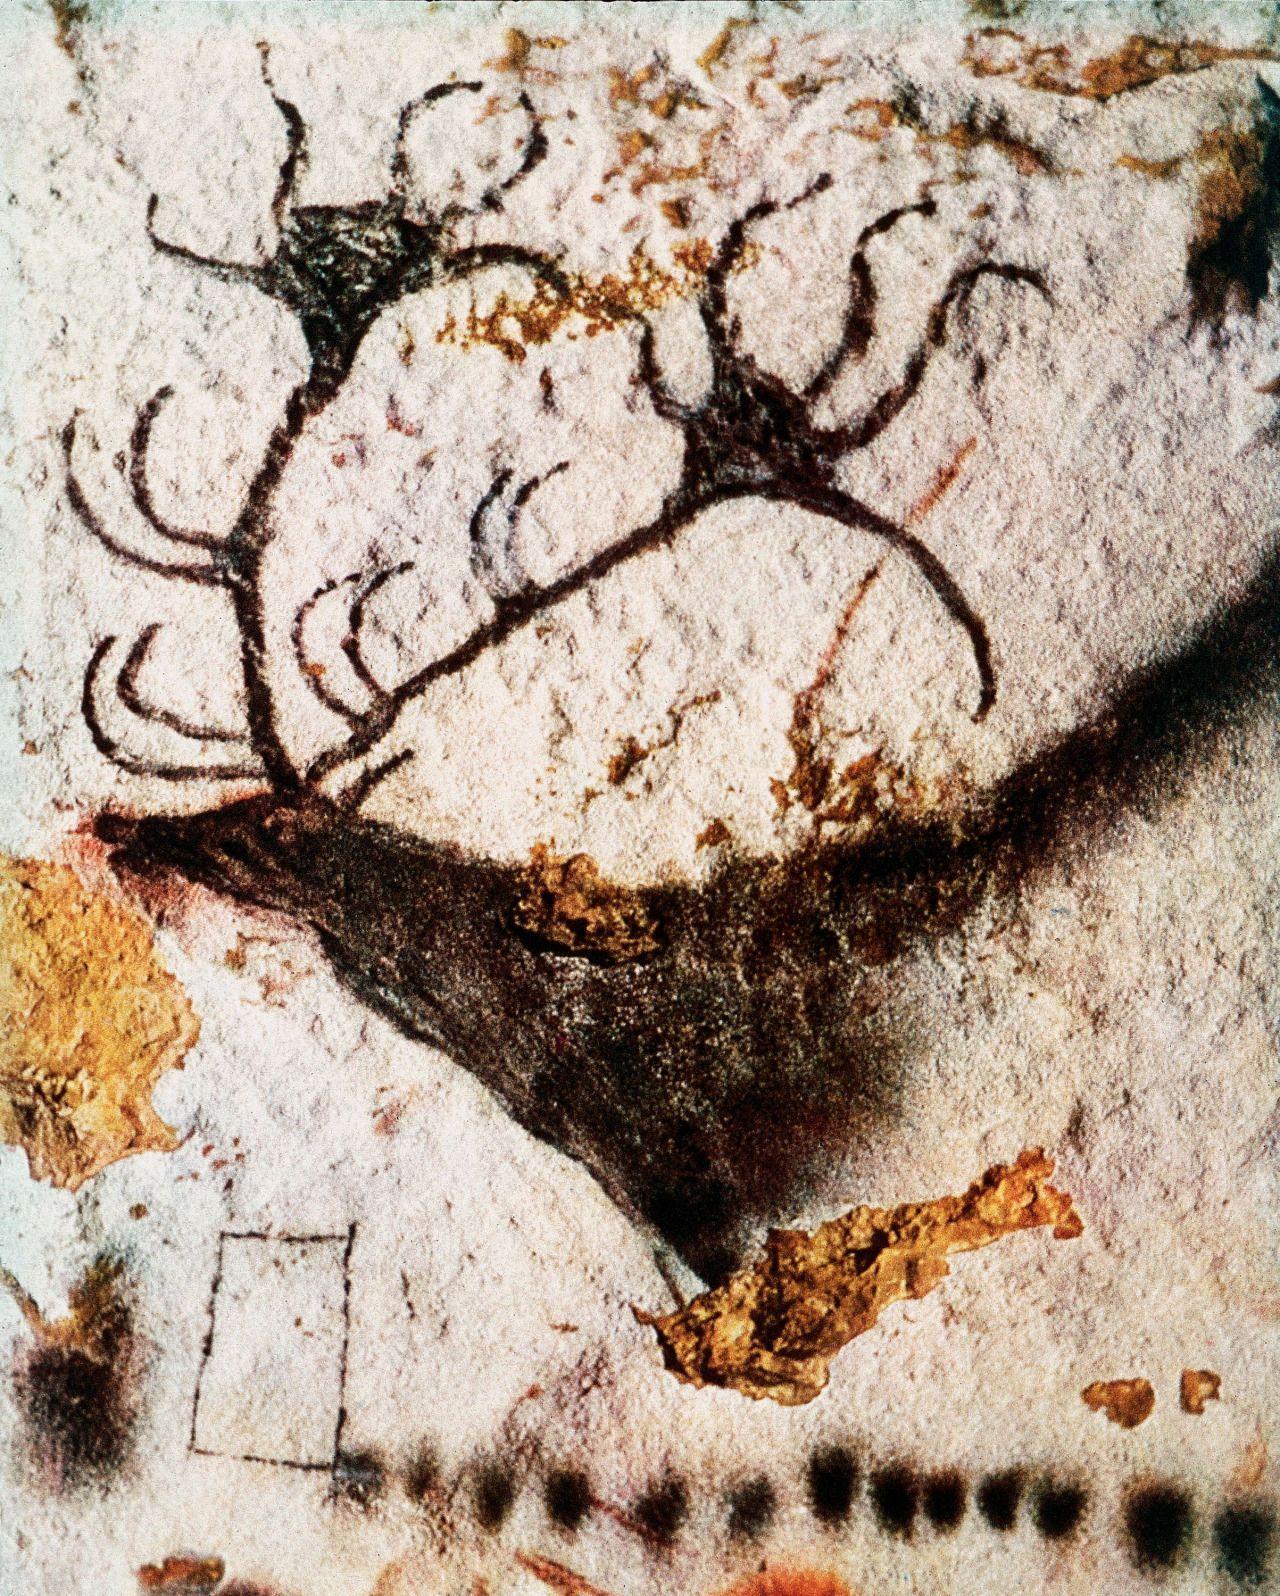 Talus Slopes: Chauvet Cave |Lascaux Cave Paintings Bear